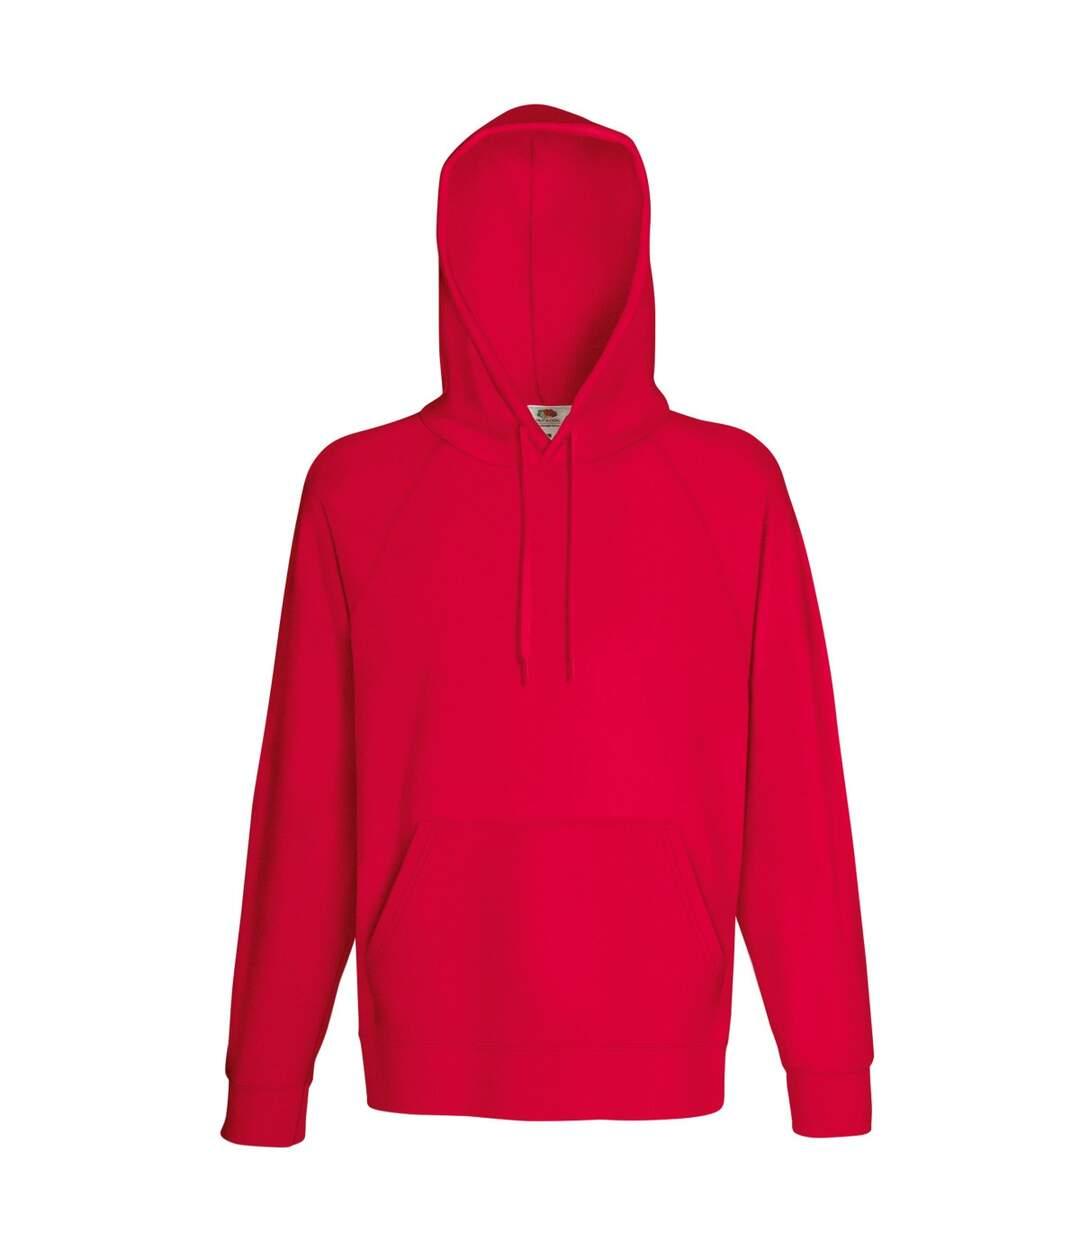 Fruit Of The Loom Mens Lightweight Hooded Sweatshirt / Hoodie (240 GSM) (Red) - UTBC2654